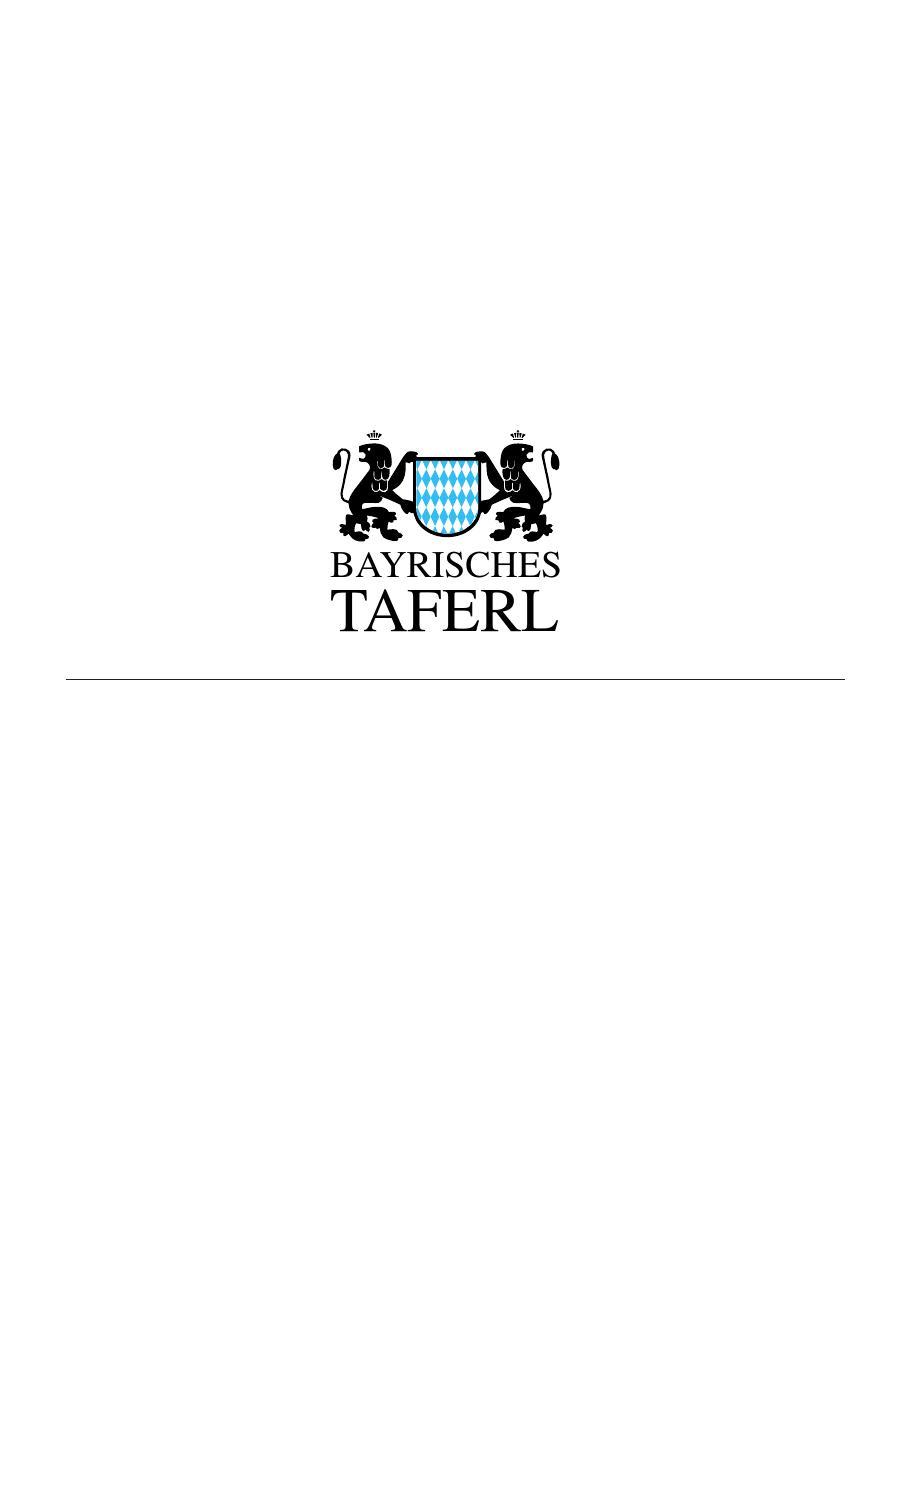 Ausgabe 46 2014 bayrisches taferl by Bayrisches Taferl - issuu